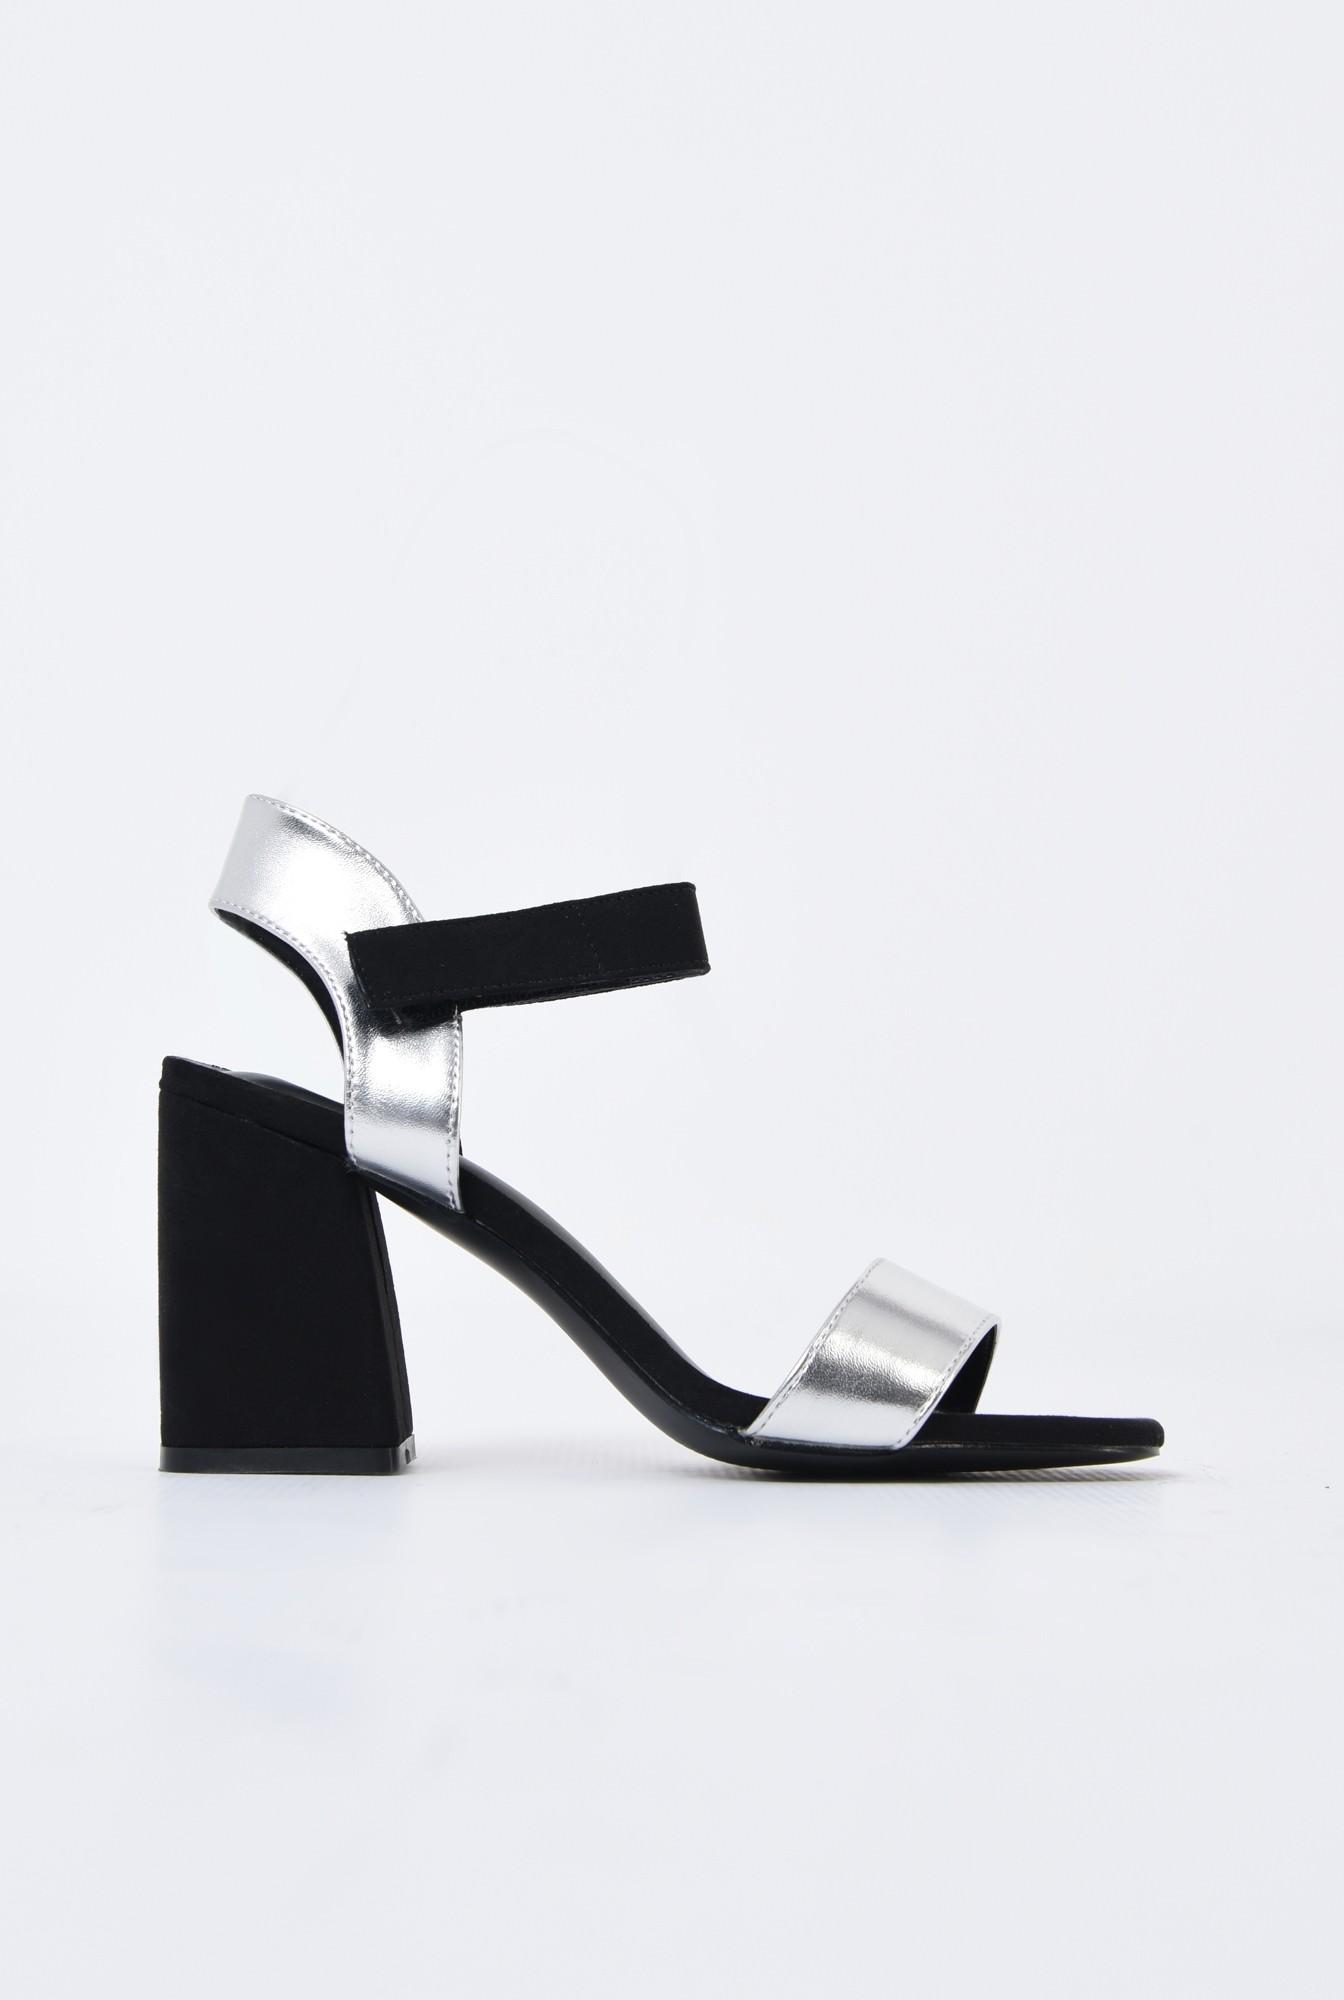 0 - sandale casual, bicolore, negru, argintiu, inchidere cu scai